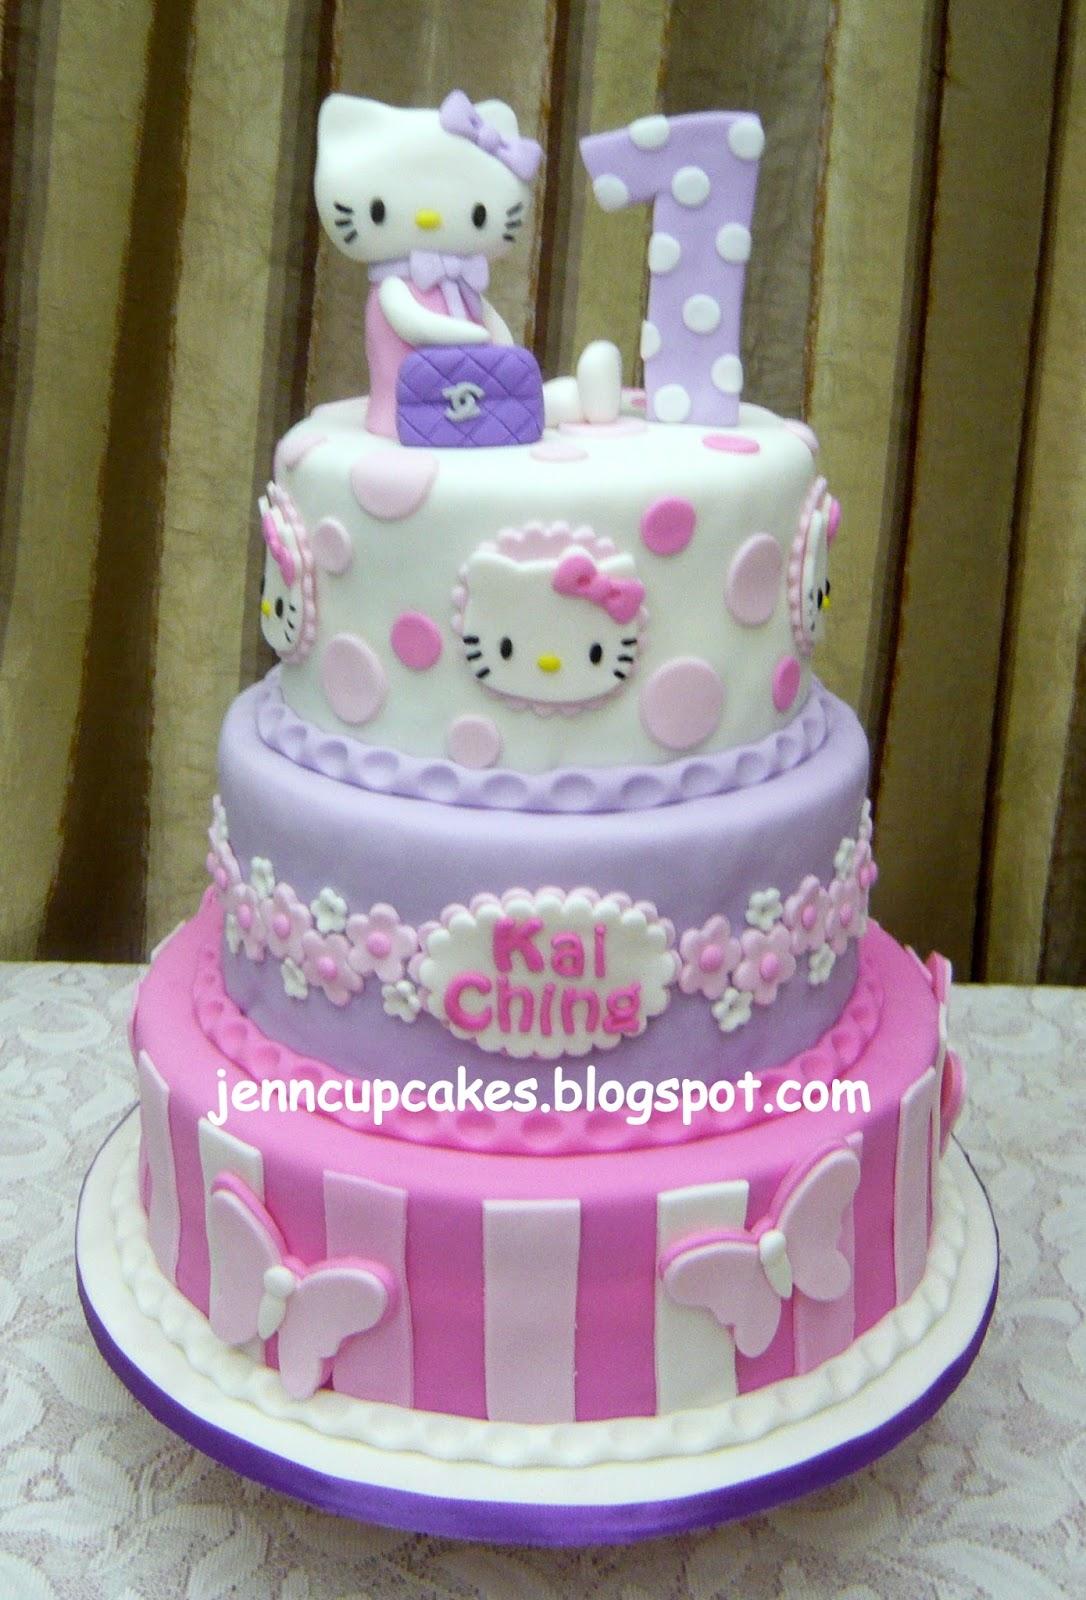 ... cake middle tier 1 5kg lemon butter cake bottom tier 2 5kg choc moist